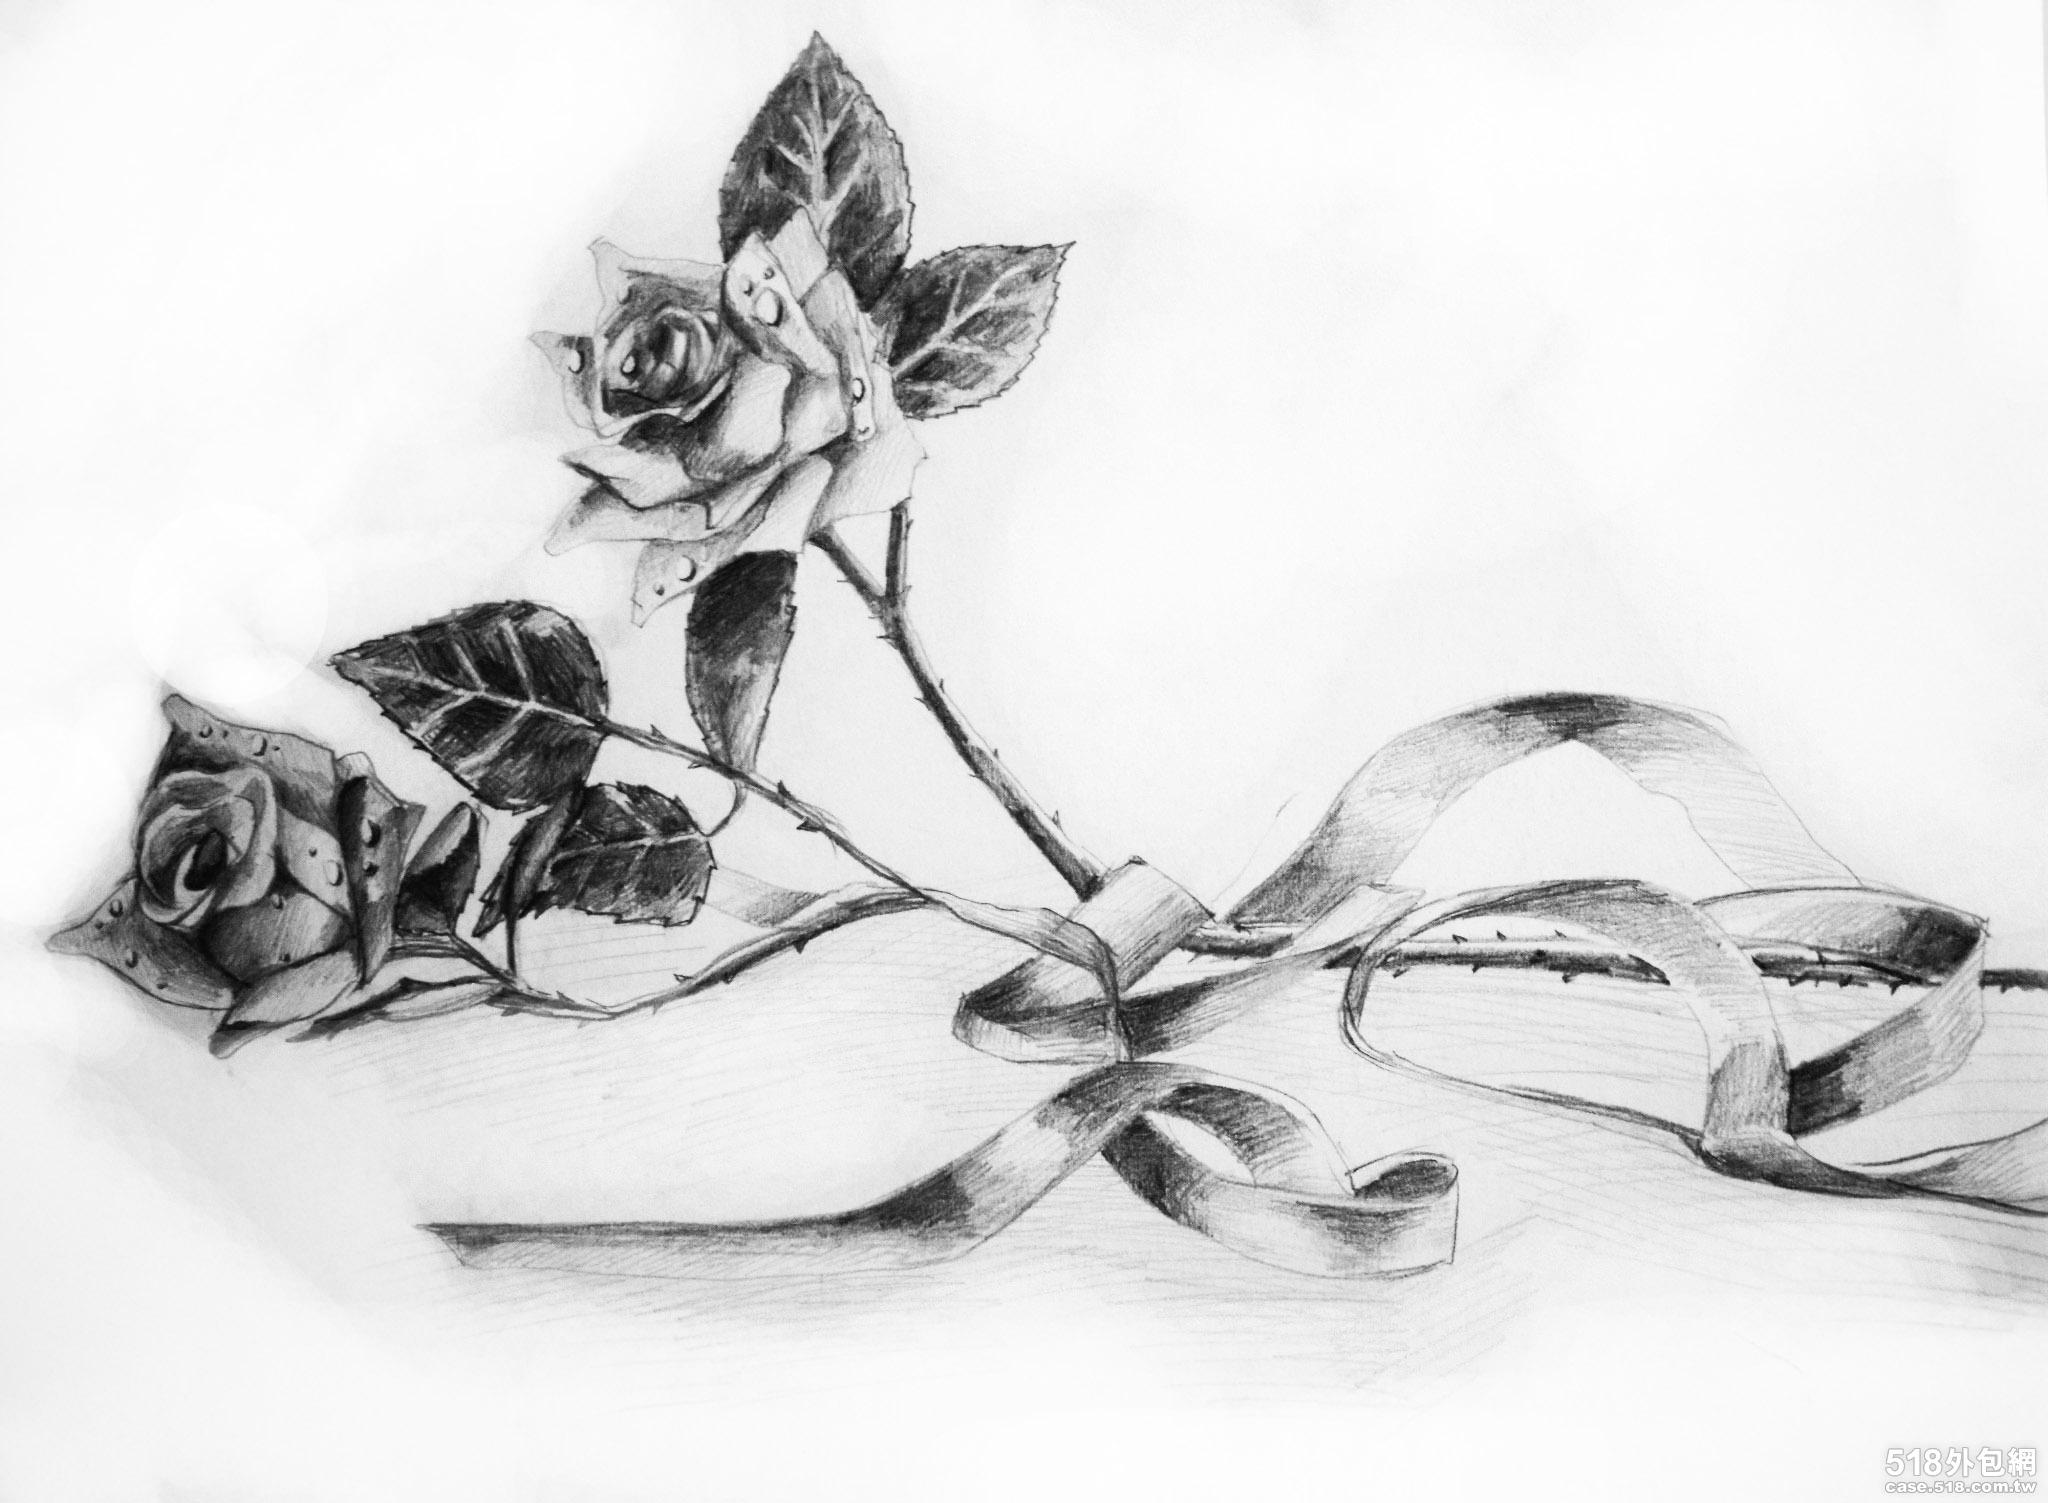 ... 玫瑰素描素描一支玫瑰的图画 一支玫瑰花素描图图片